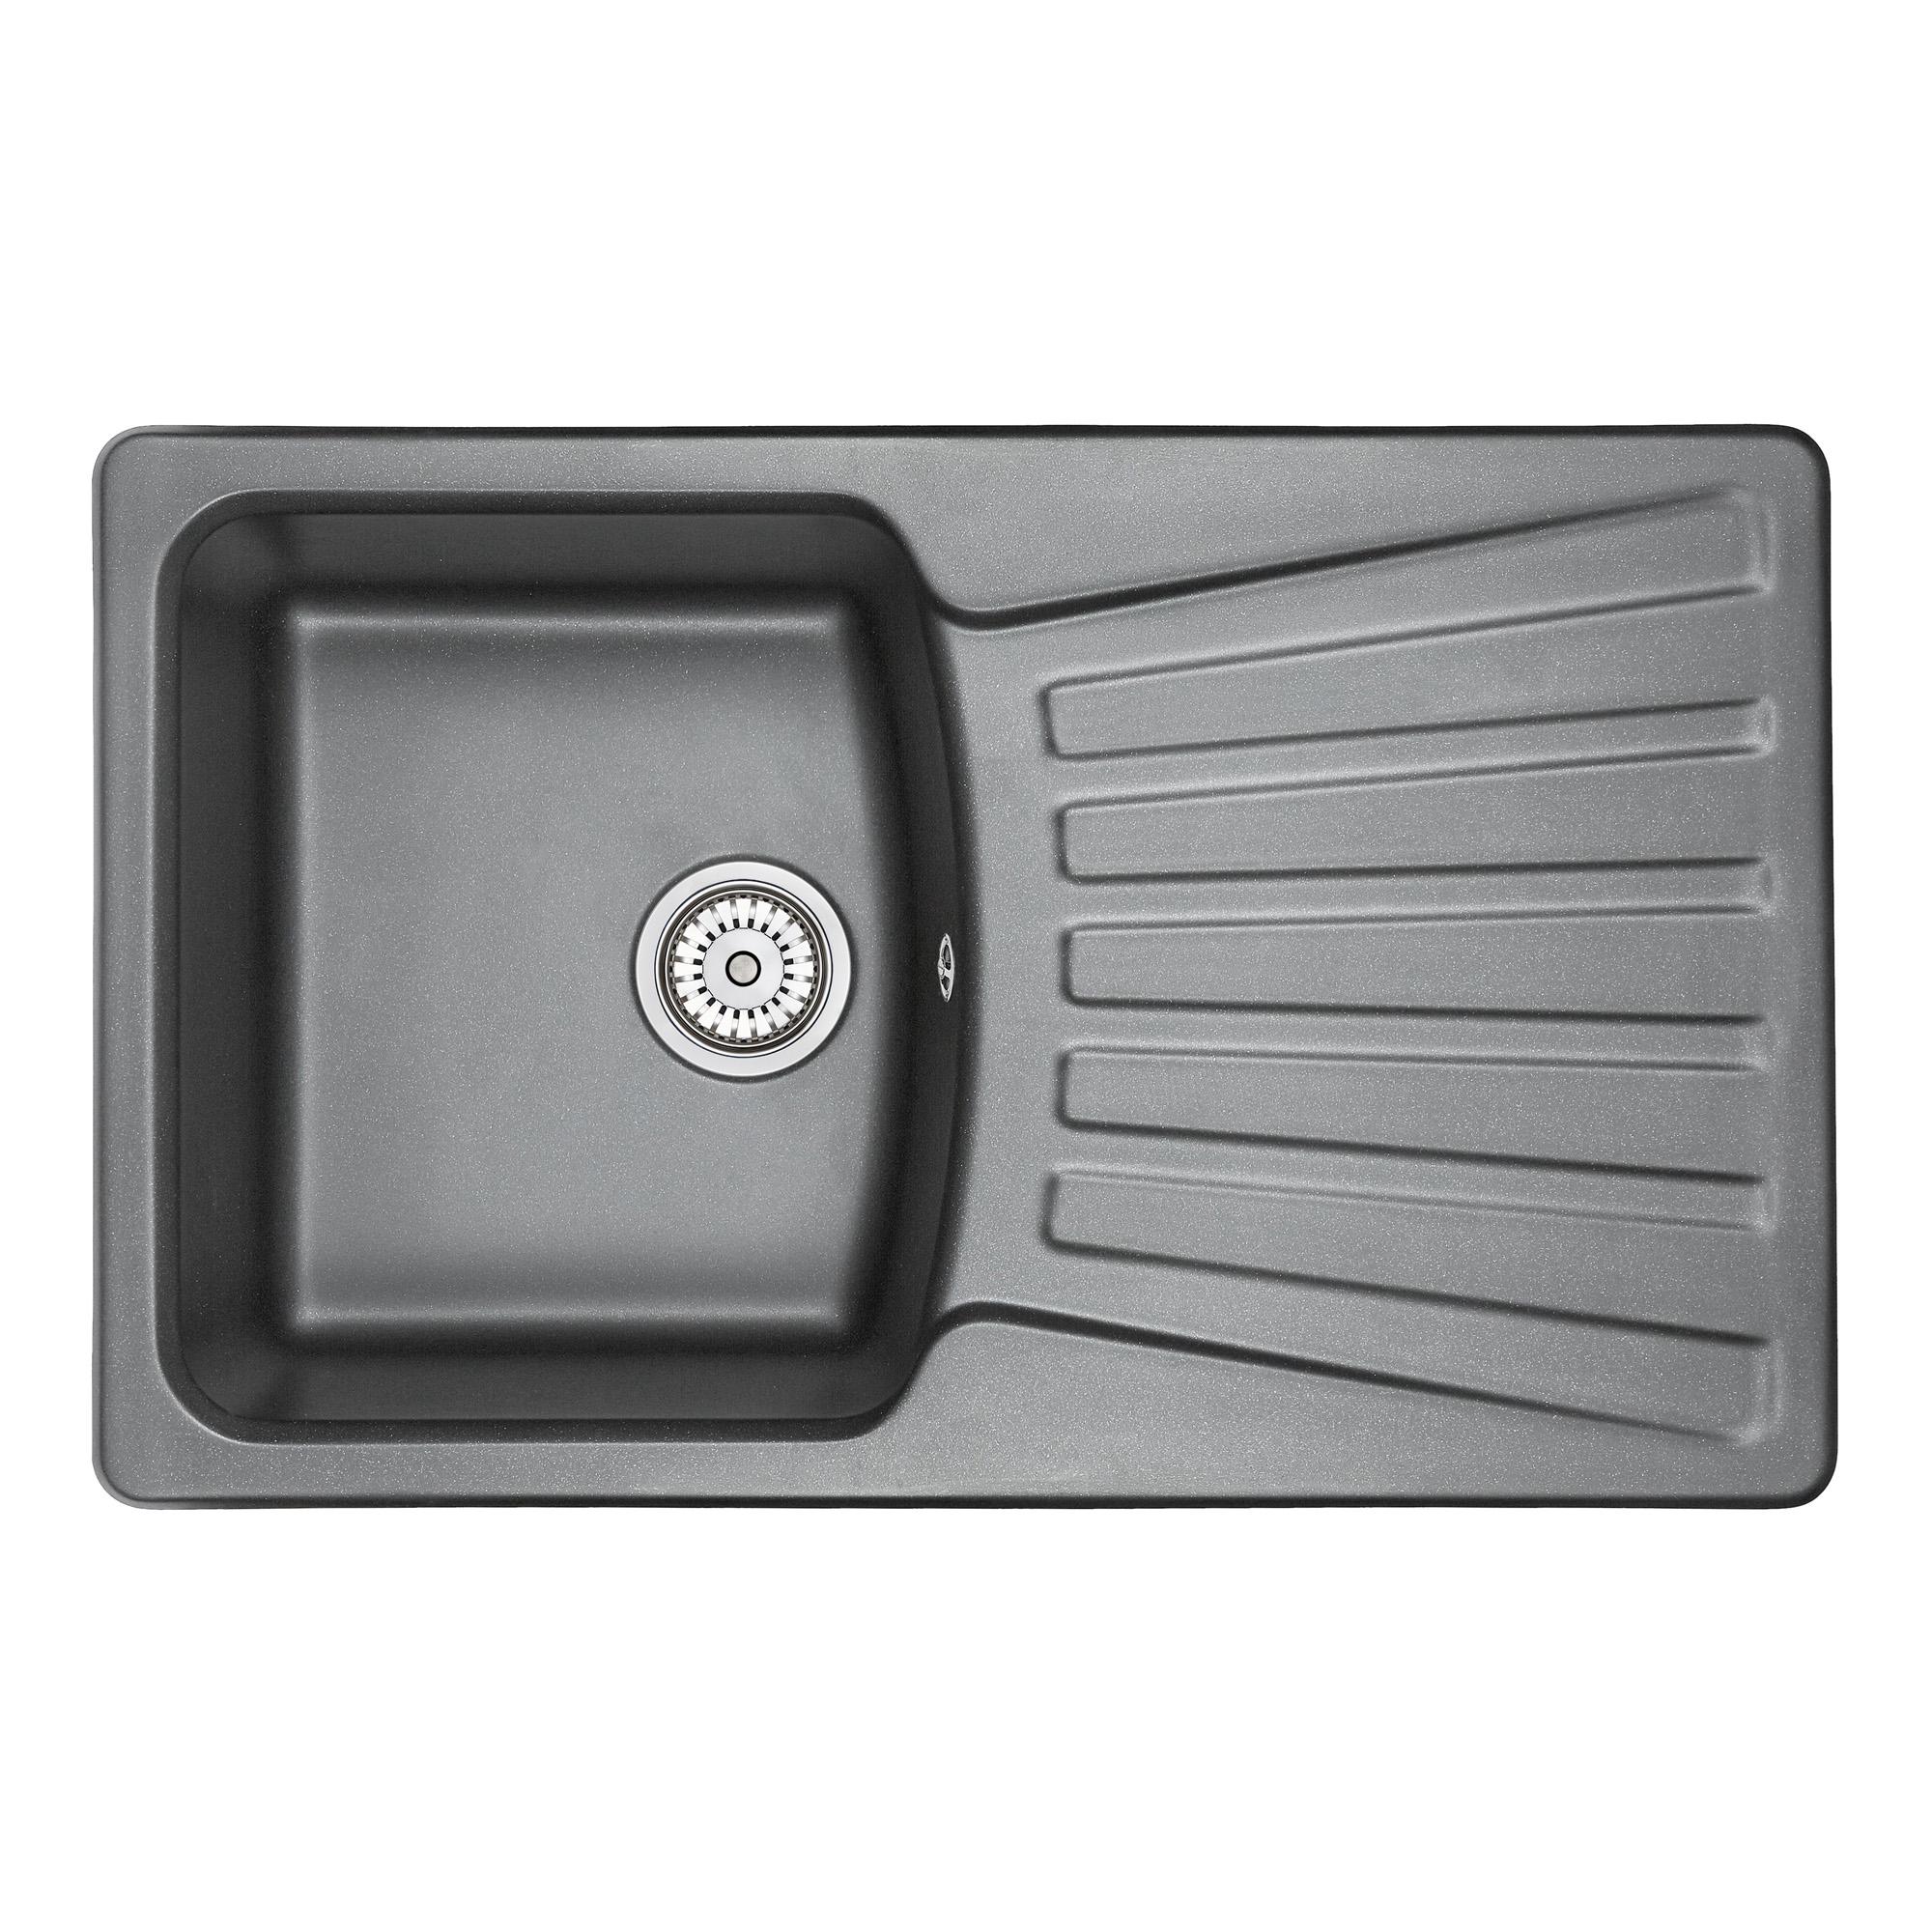 Кухонная мойка Granula GR-8001 790х500 шварц кухонная мойка granula gr 8001 790х500 брют